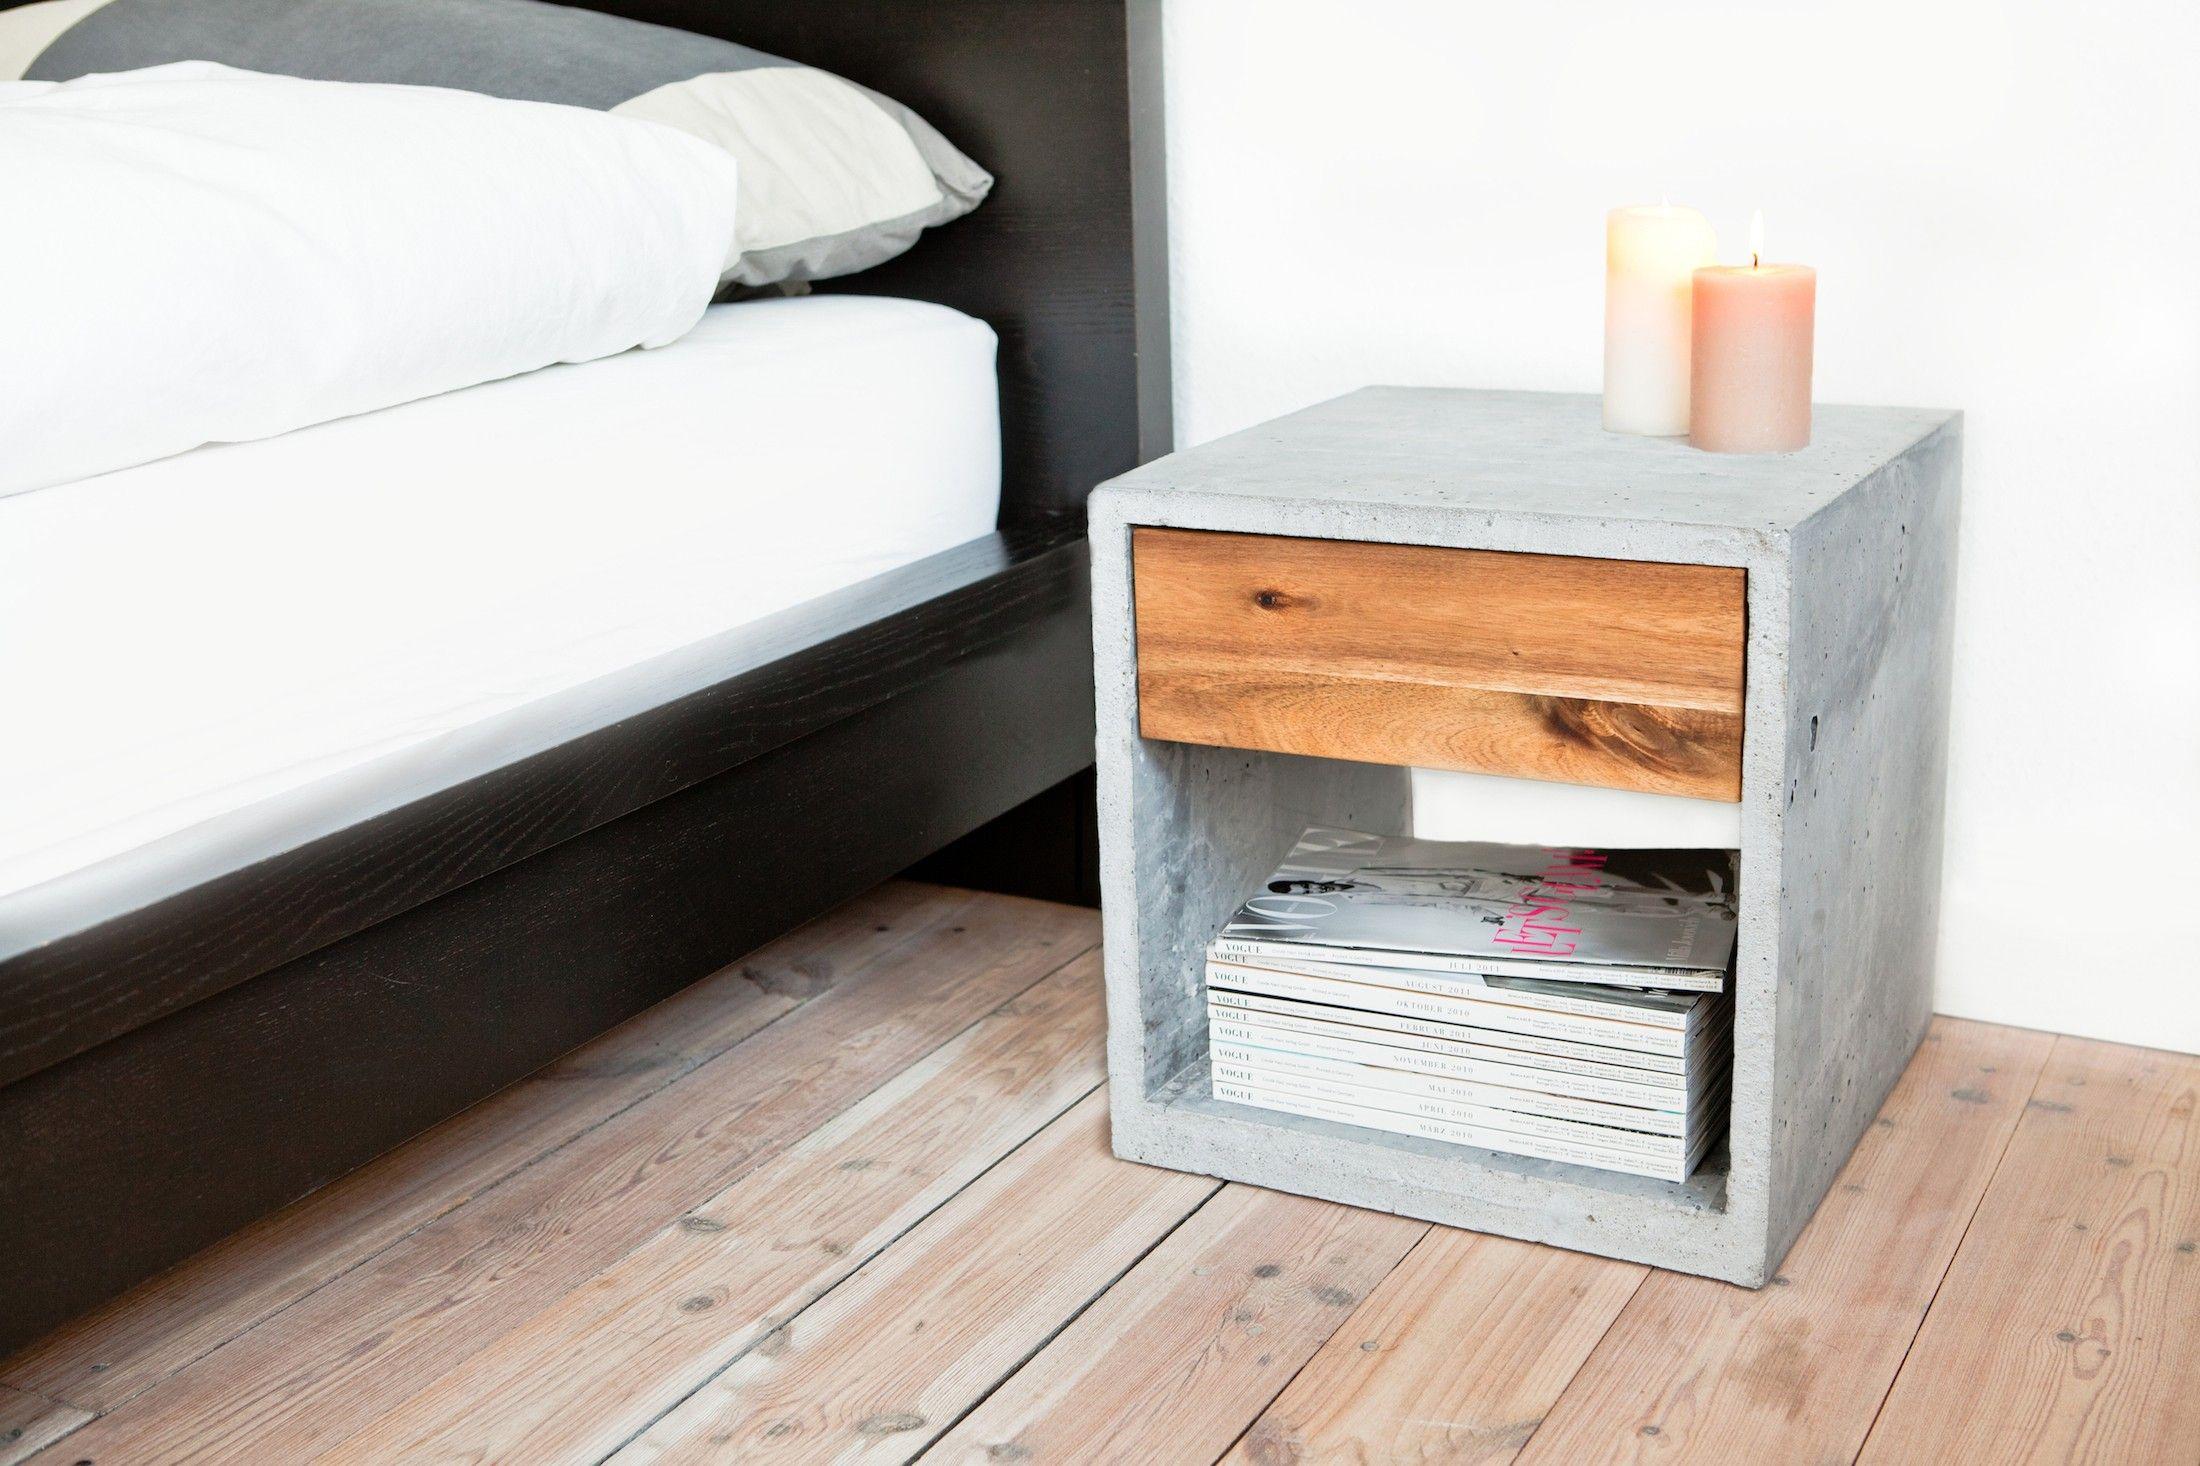 Ein kleines Stauraumwunder. Sowohl im Schlafzimmer, im Flur oder neben einem Sessel, benötigt